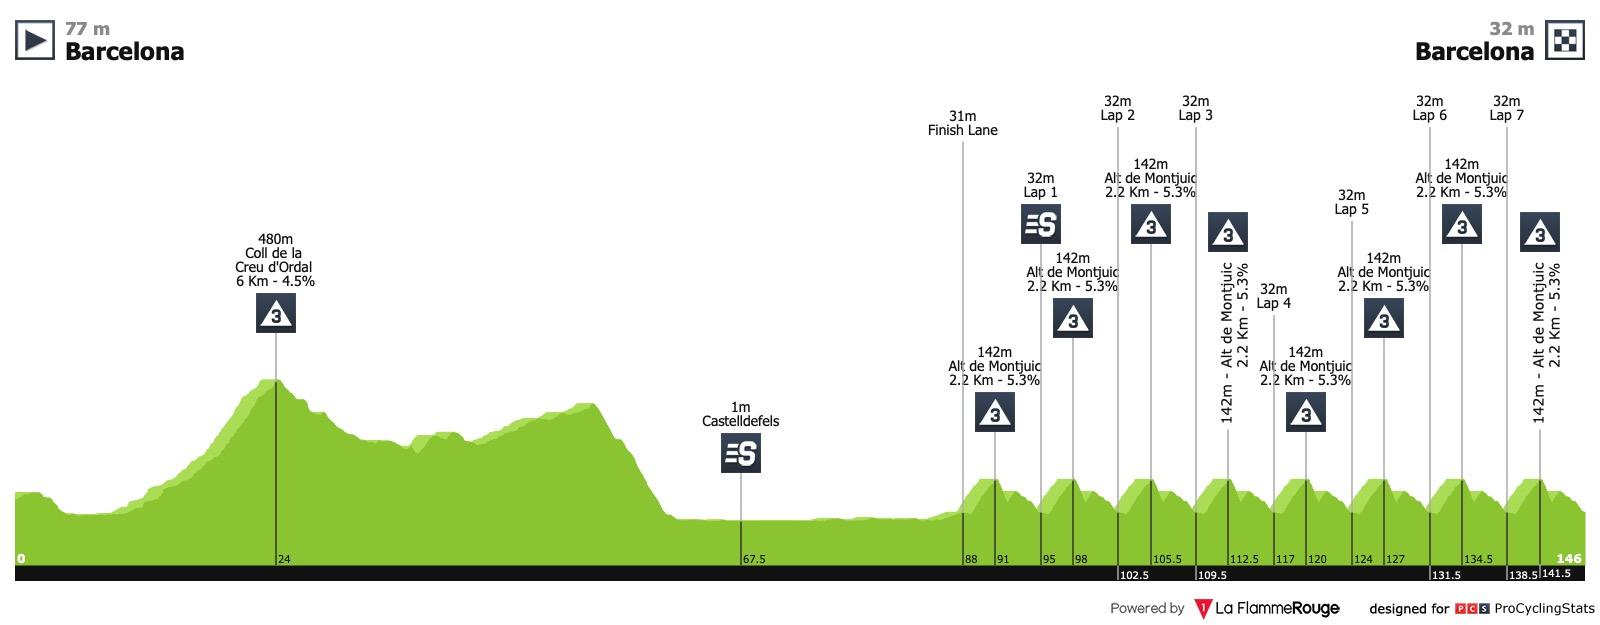 Volta Ciclista a Catalunya (2.HC) du 25 au 31 mars Volta-a-catalunya-2019-stage-7-profile-4caf931410